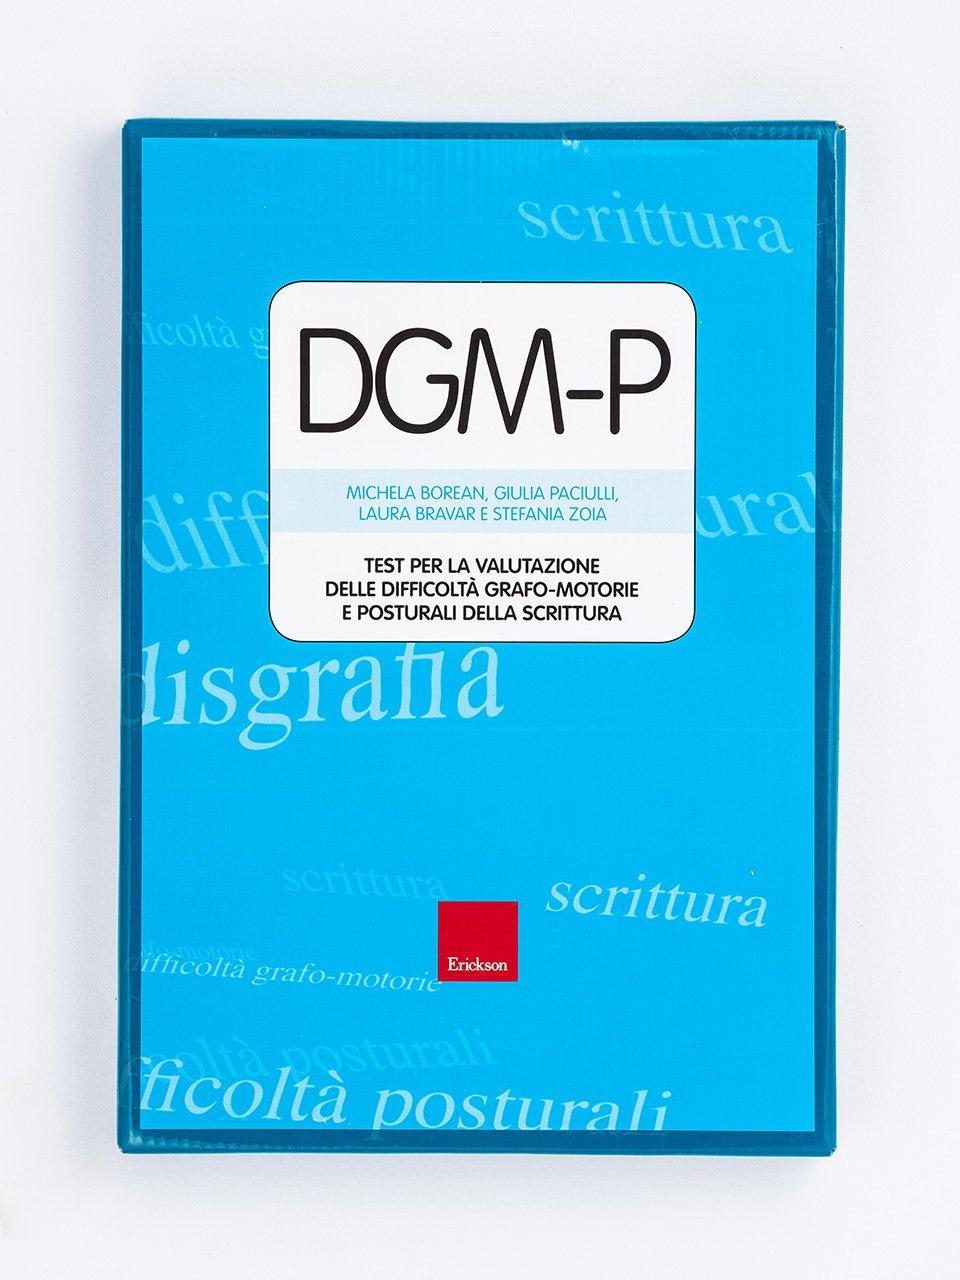 Test DGM-P - Test per la valutazione delle difficoltà grafo-motorie e posturali della scrittura - Test BHK - Scala sintetica per la valutazione dell - Libri - Erickson